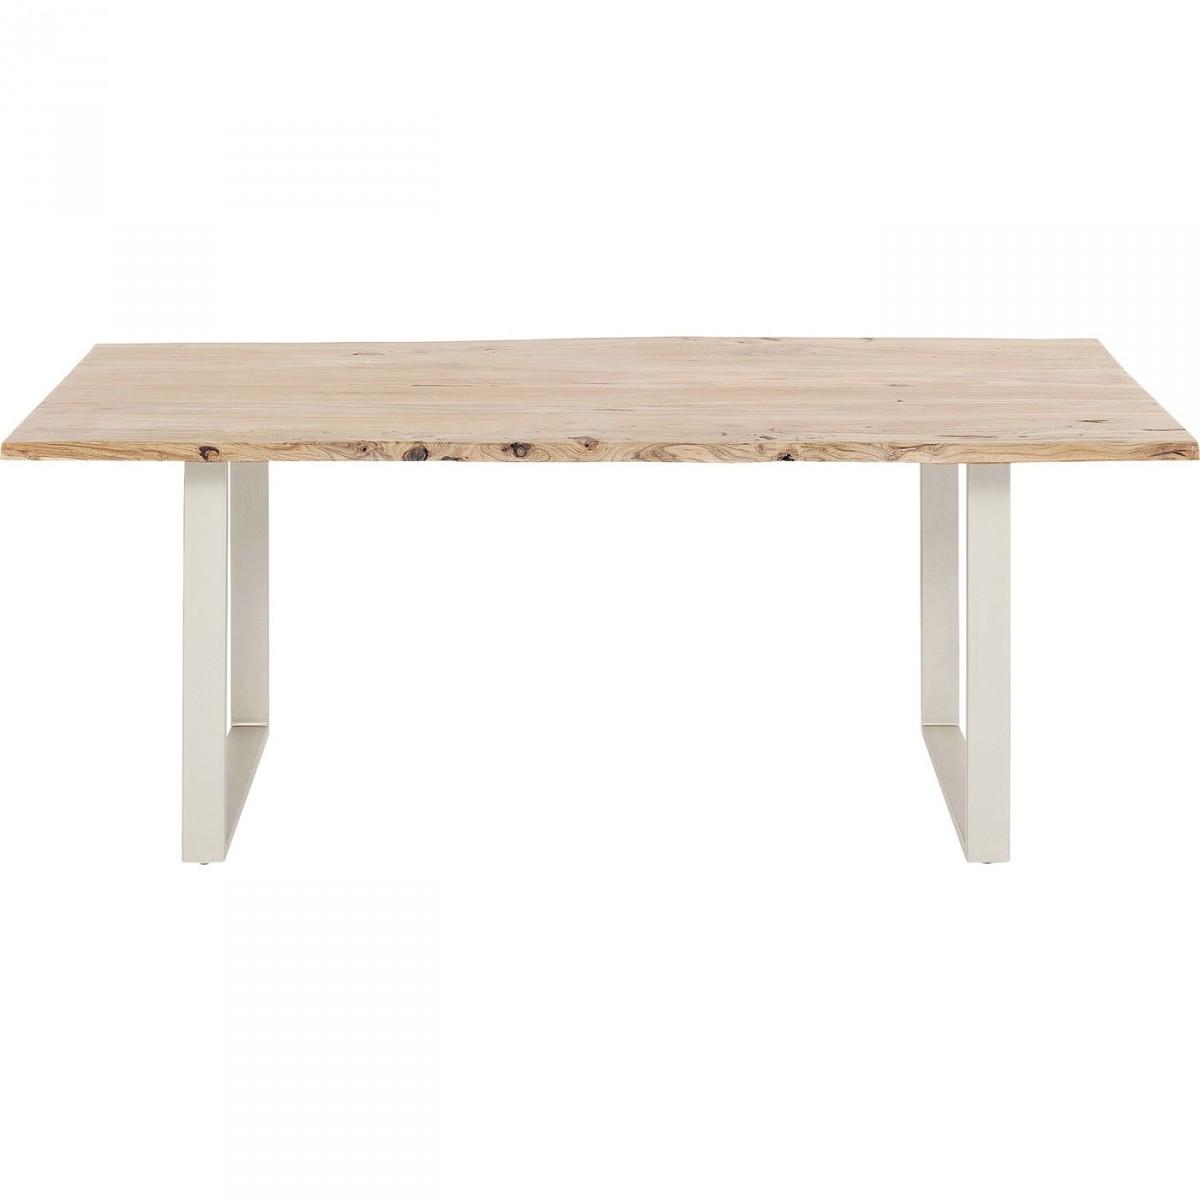 KARE DESIGN rektangulær Harmony Dark Brass spisebord - natur akacietræ og messing stål (200x100)